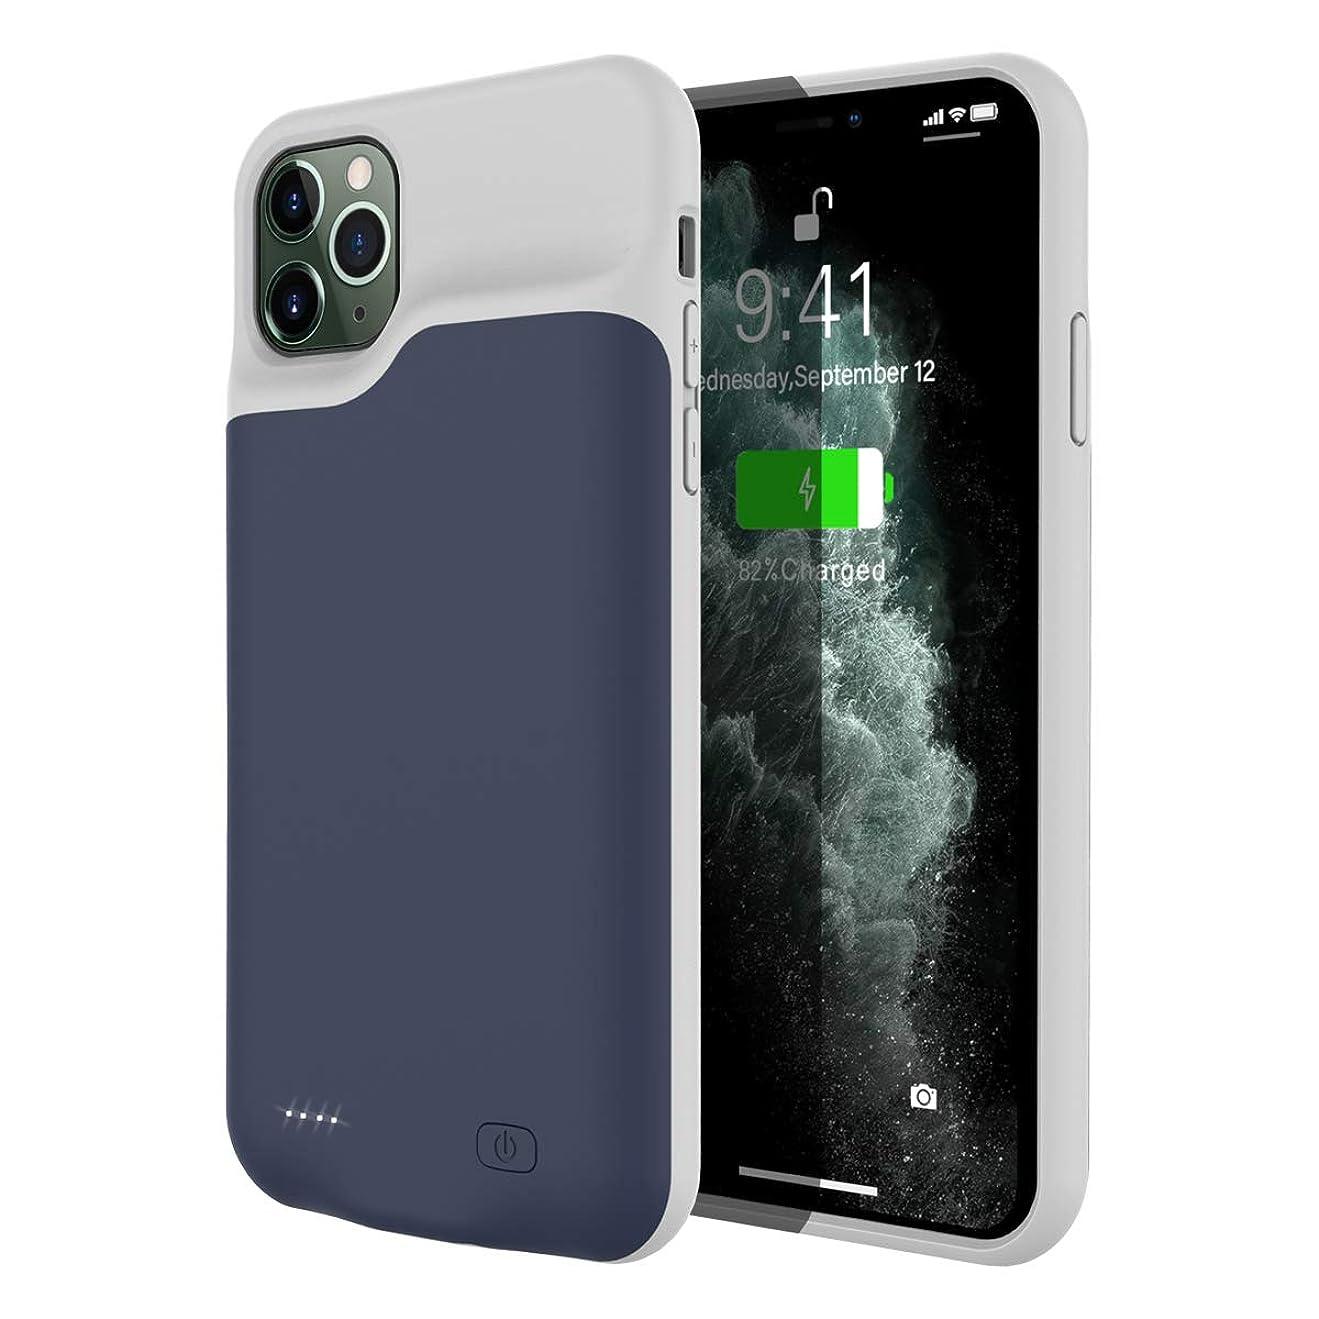 お祝い集計排泄するWarebaバッテリー内蔵ケース 大容量 iPhone 11 Pro Max 6.5 Inch Battery専用 バッテリーケース 軽量 超薄 急速充電 超便利 耐衝撃 ケース型バッテリー 携帯充電器 モバイルバッテリー容量追加battery case